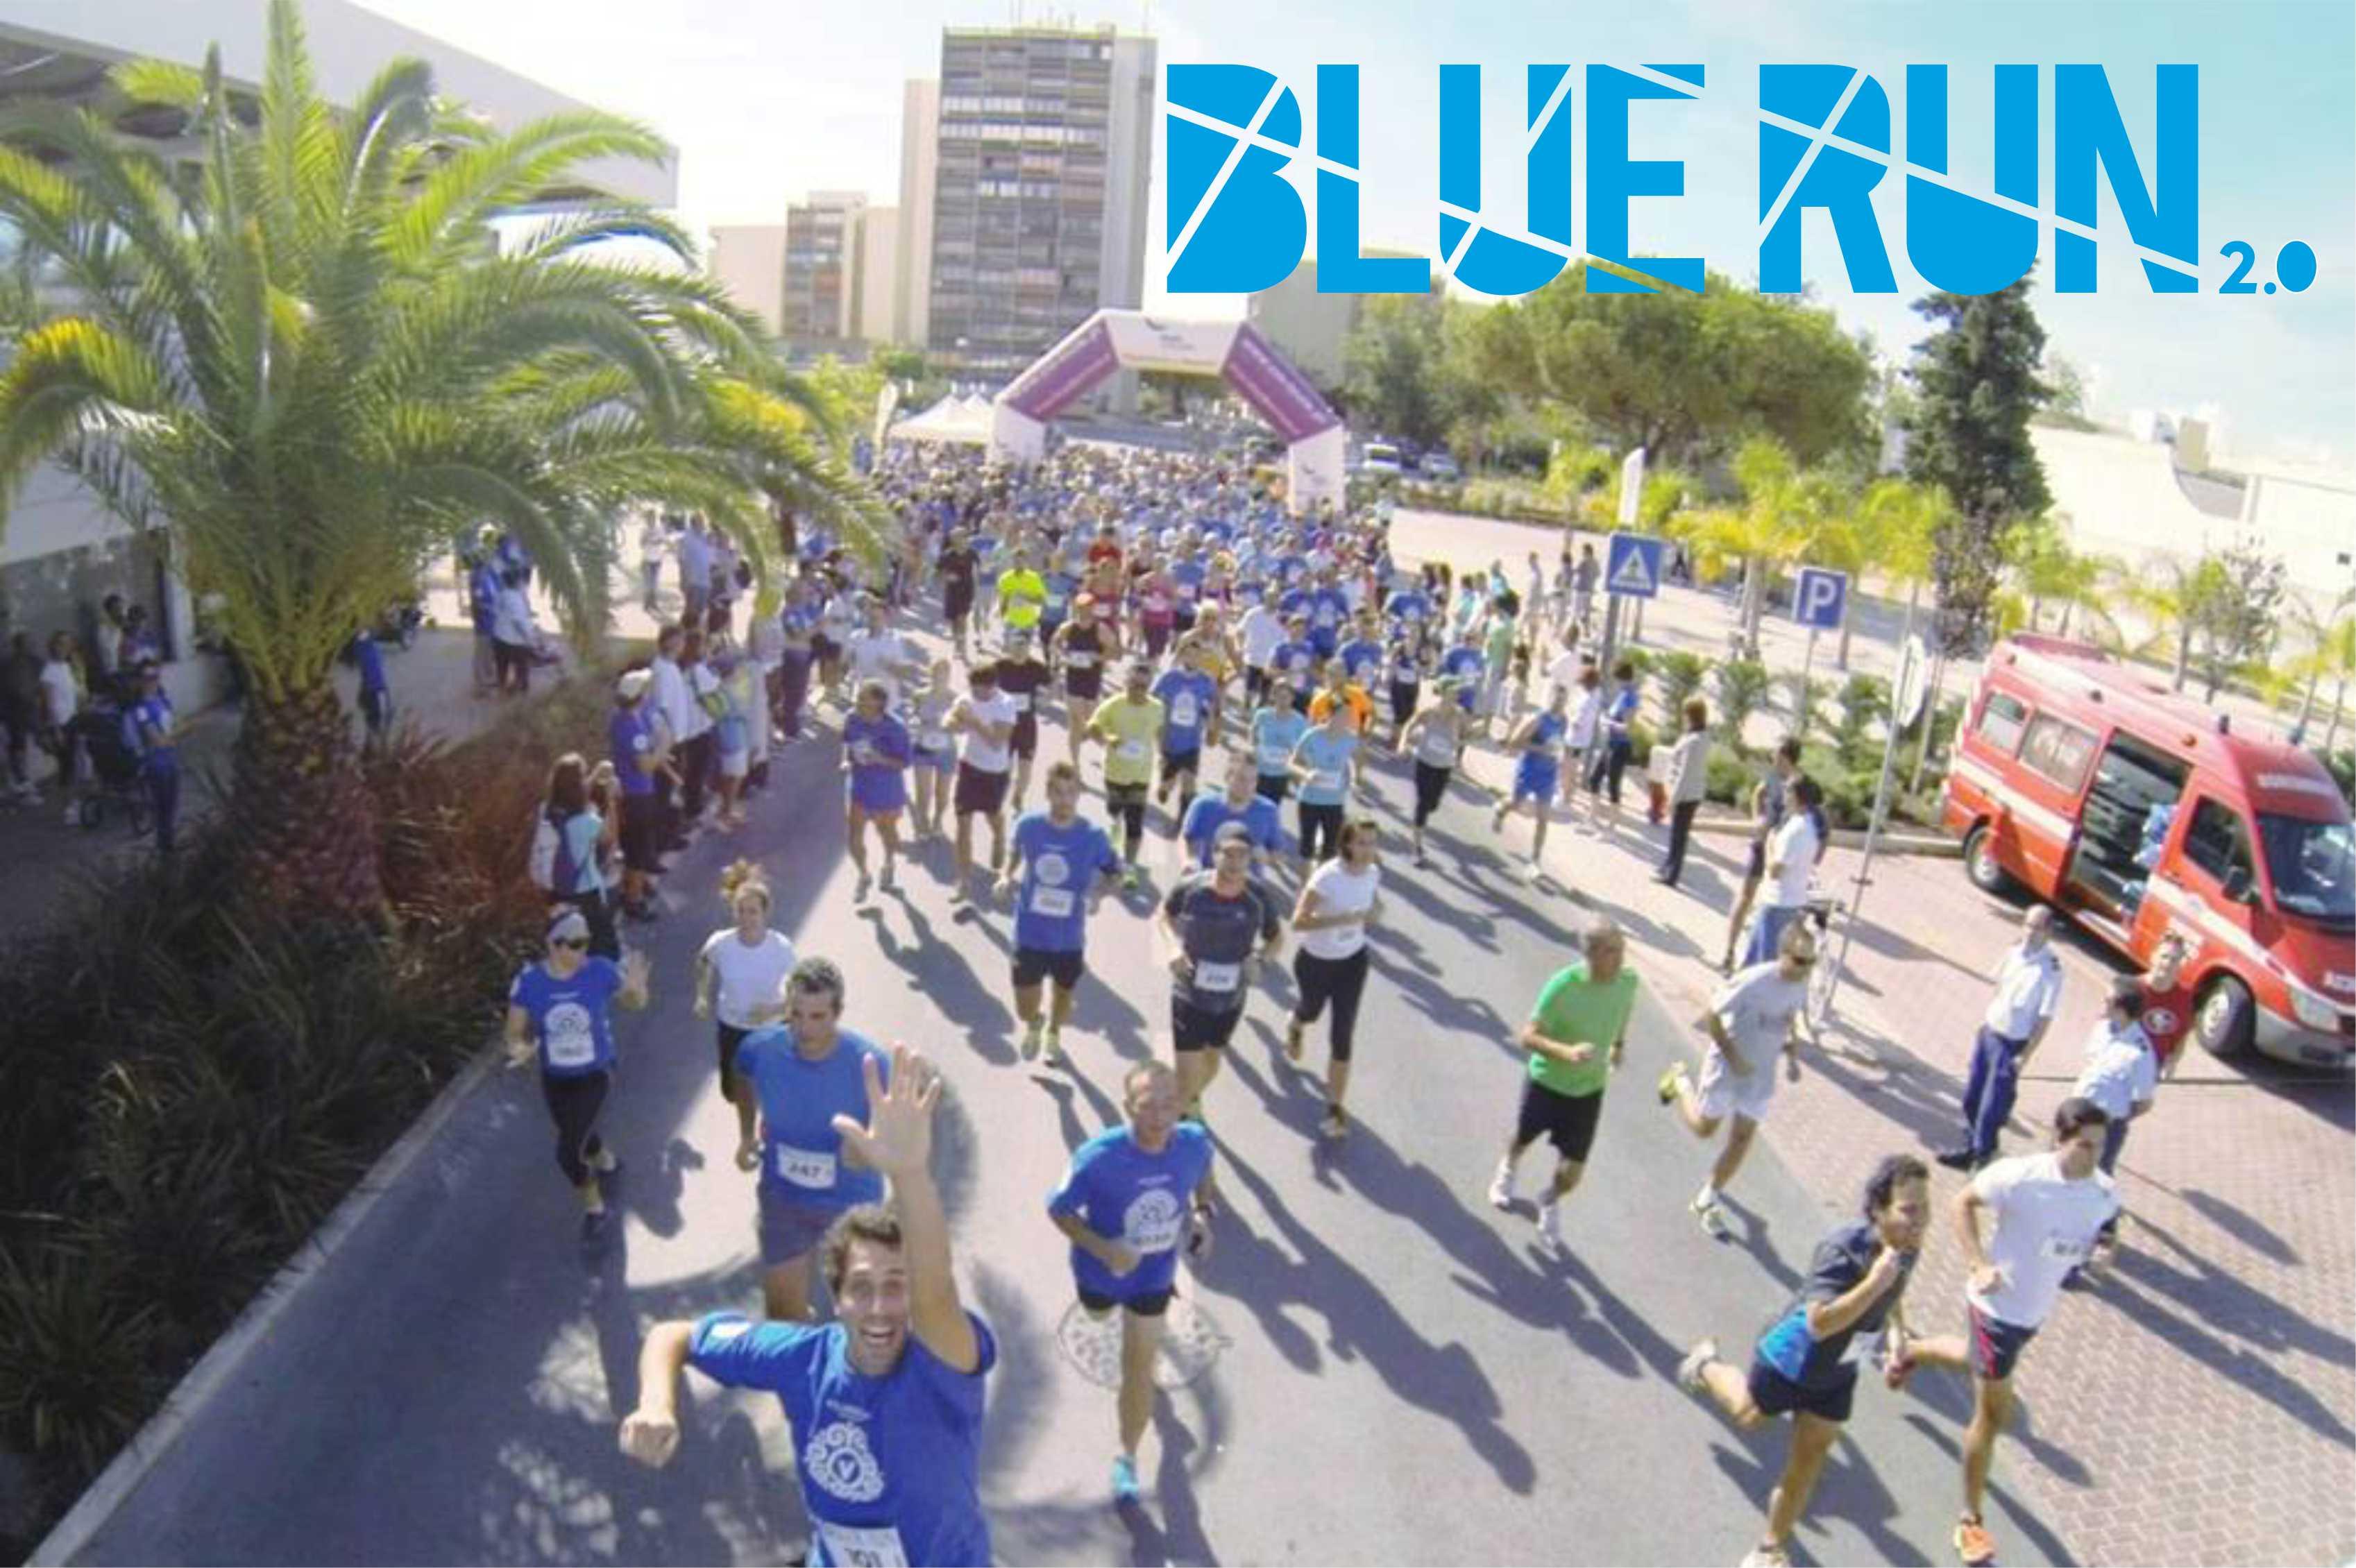 blue_run_2.0_eu_vou_lá_estar